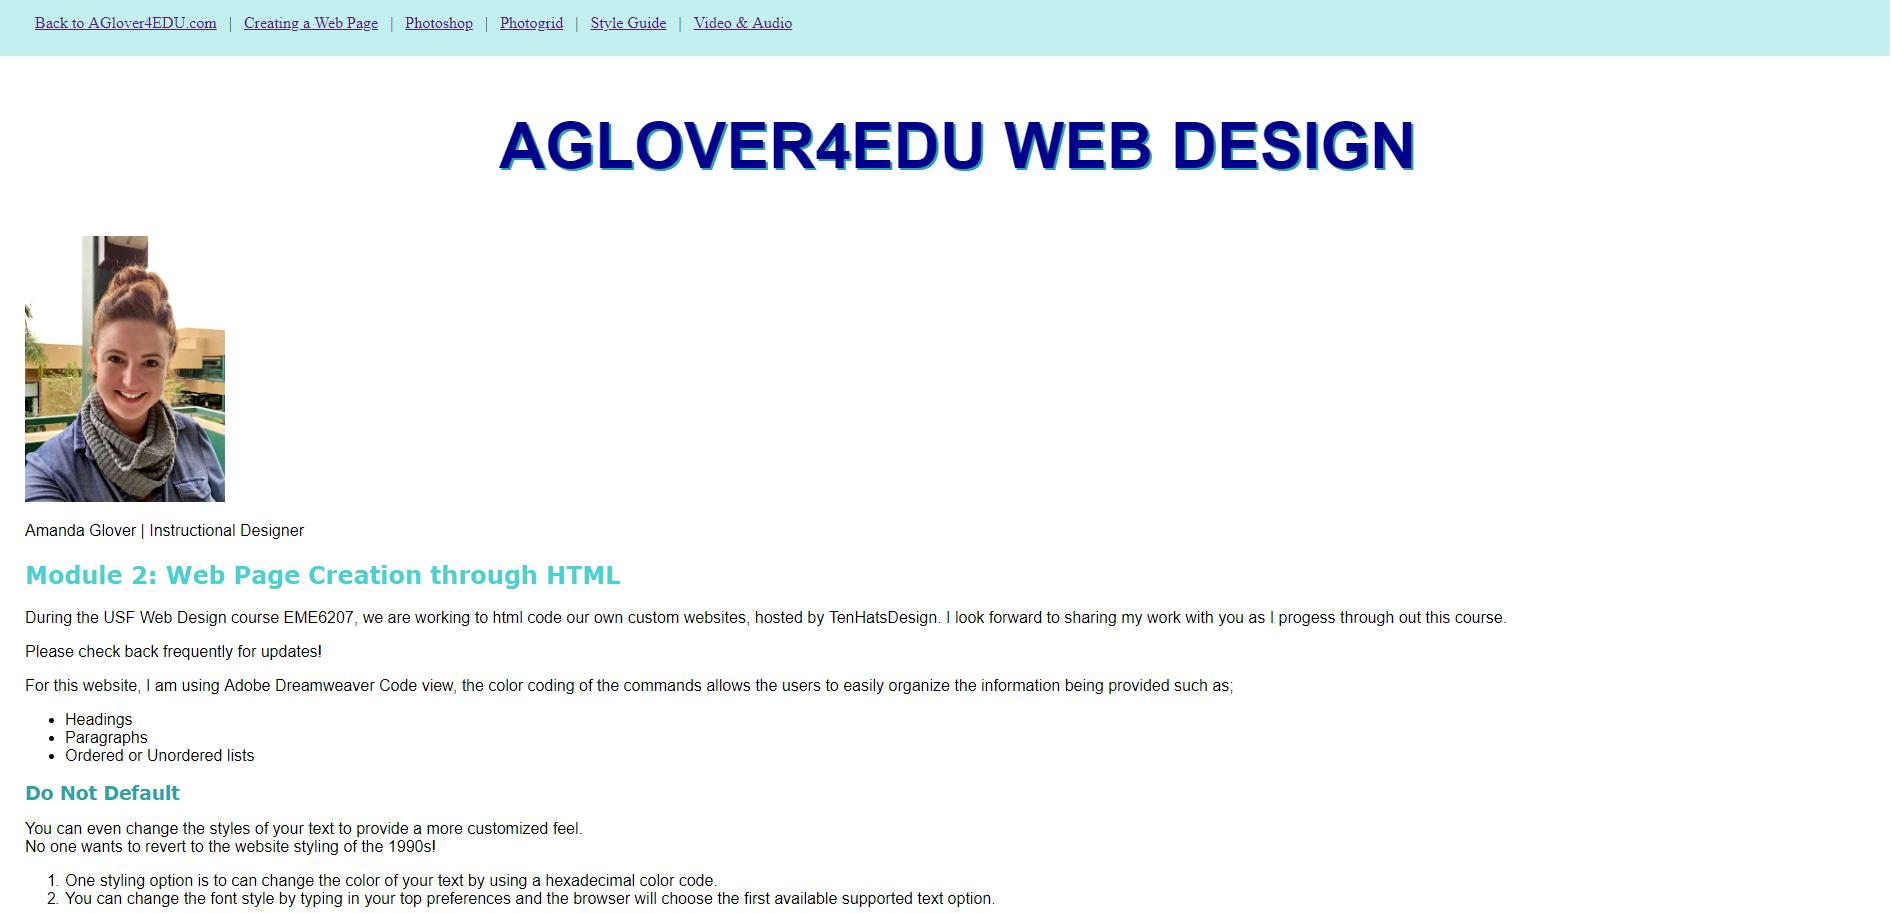 Ux And Ui Design Amanda Glover Eportfolio Aglover Mail Usf Edu